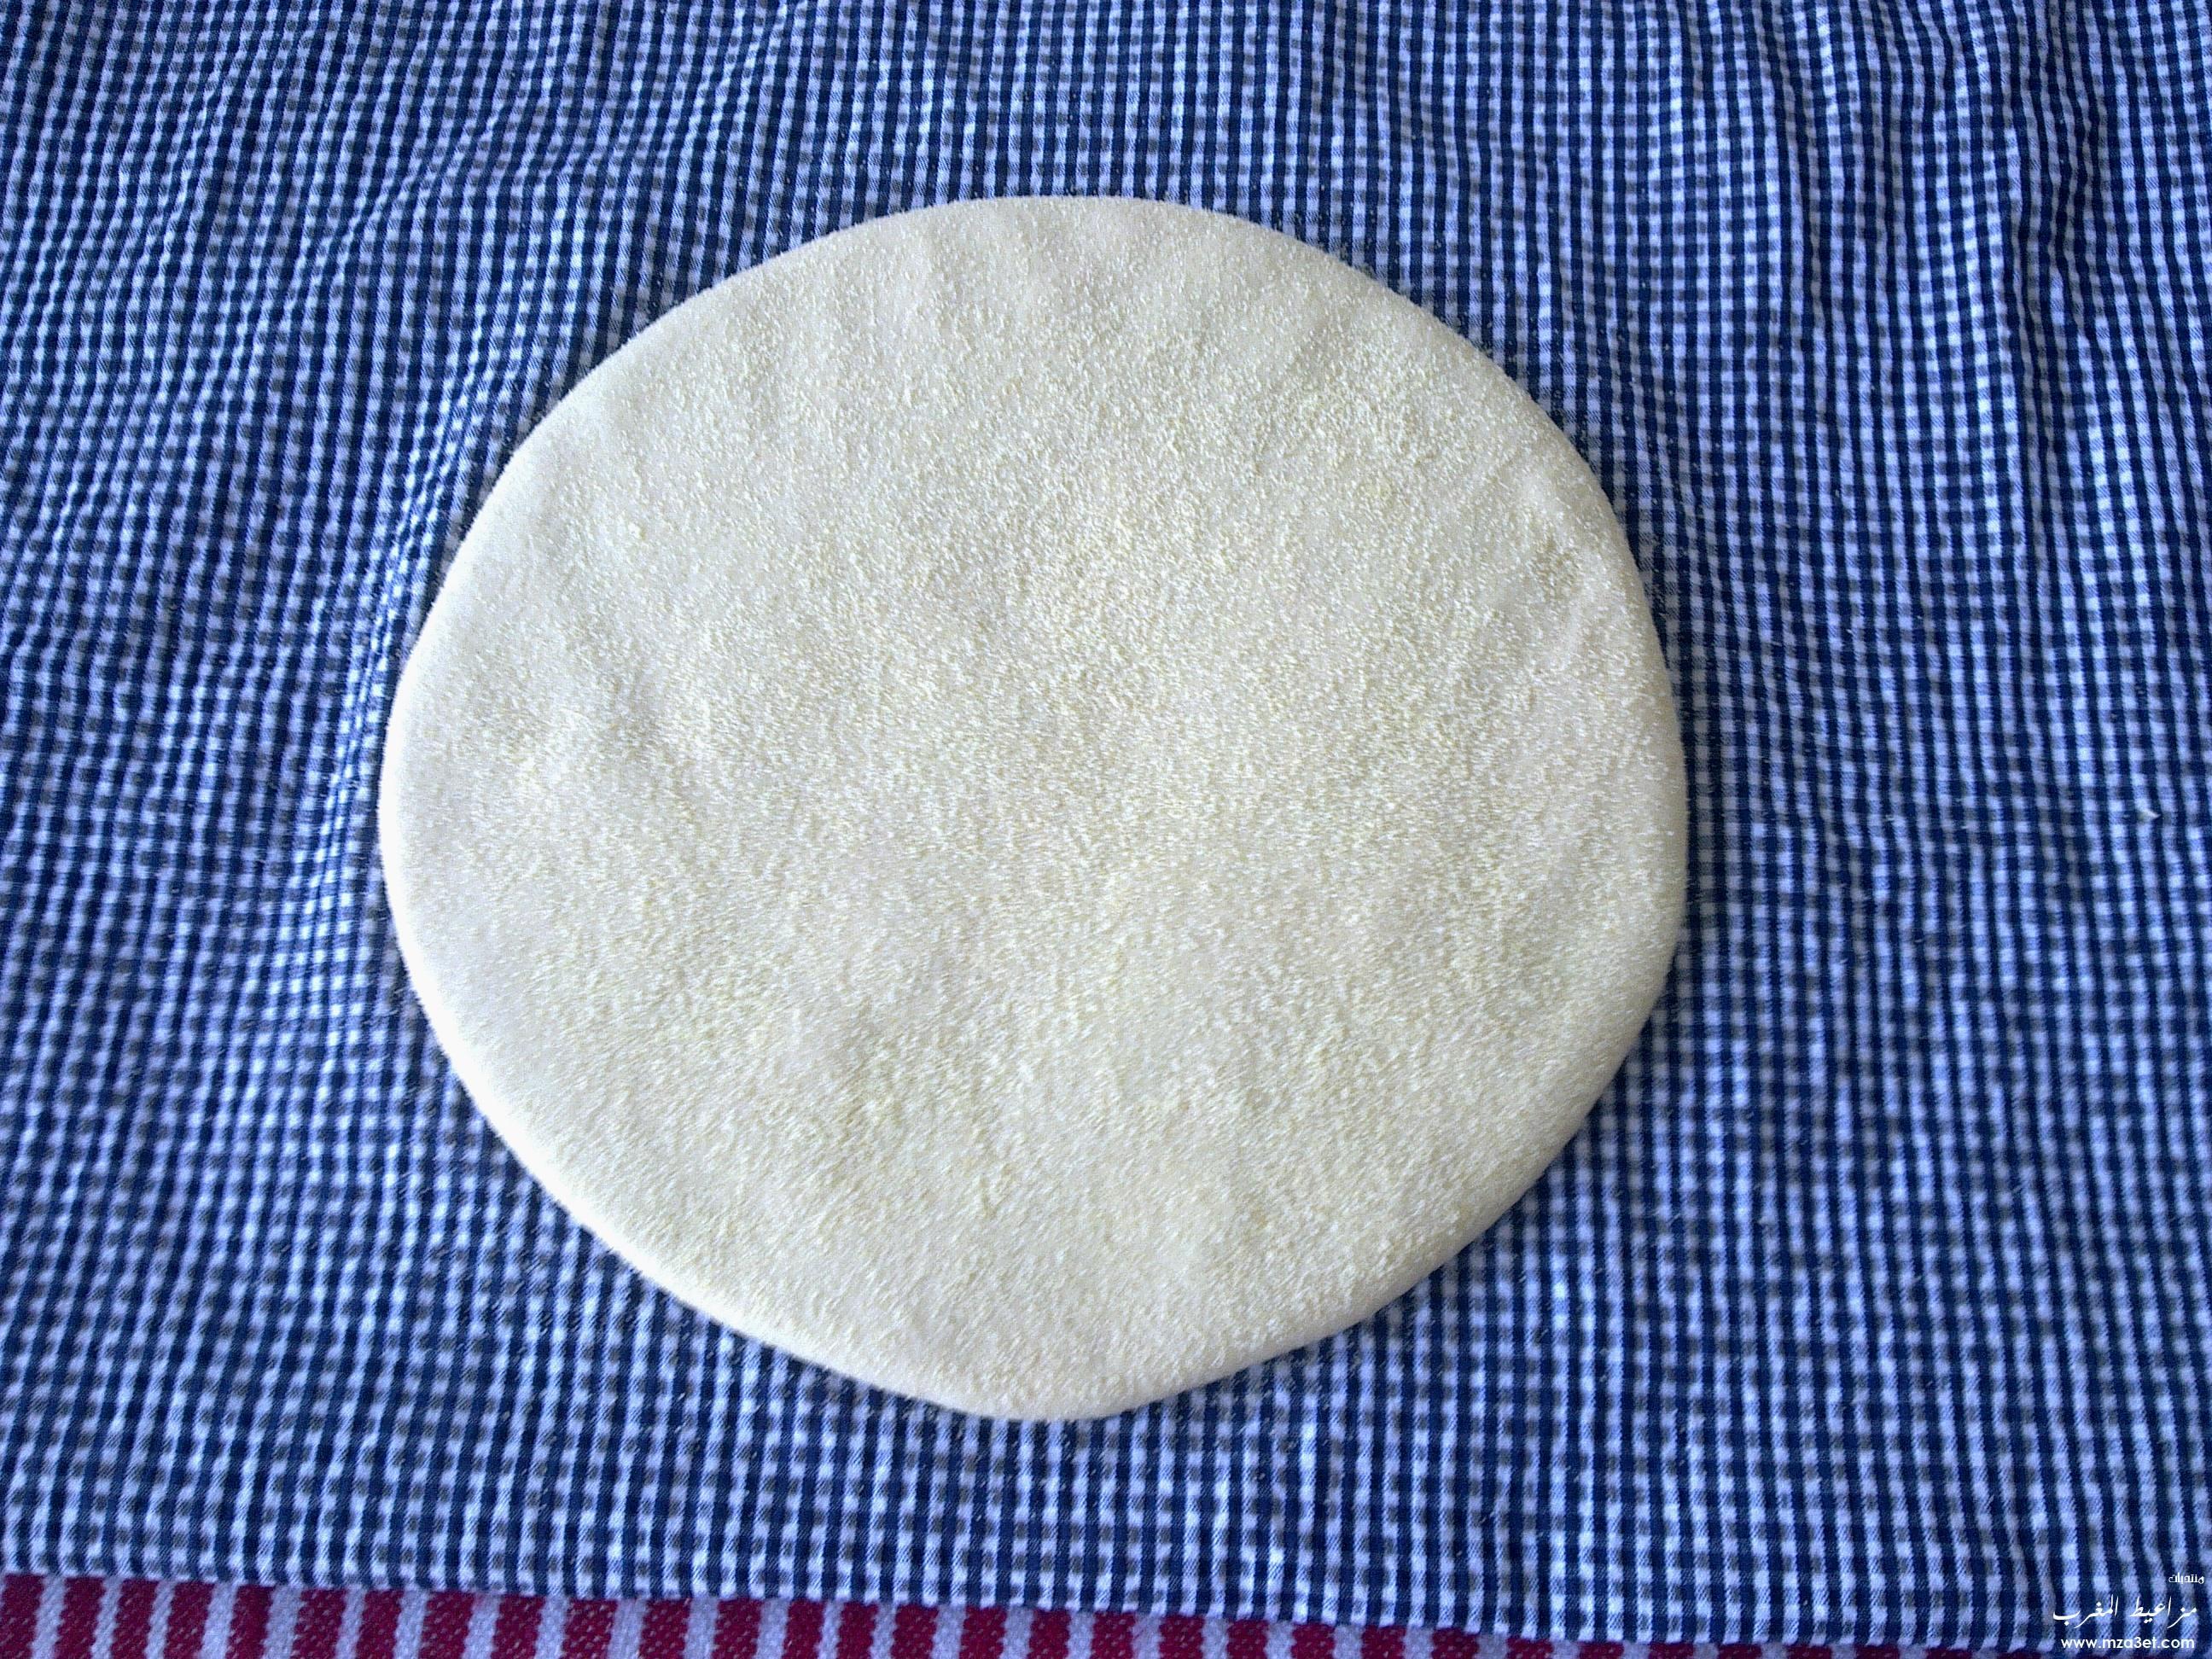 الخبز المغربي من كوزينتي بالتفصيل